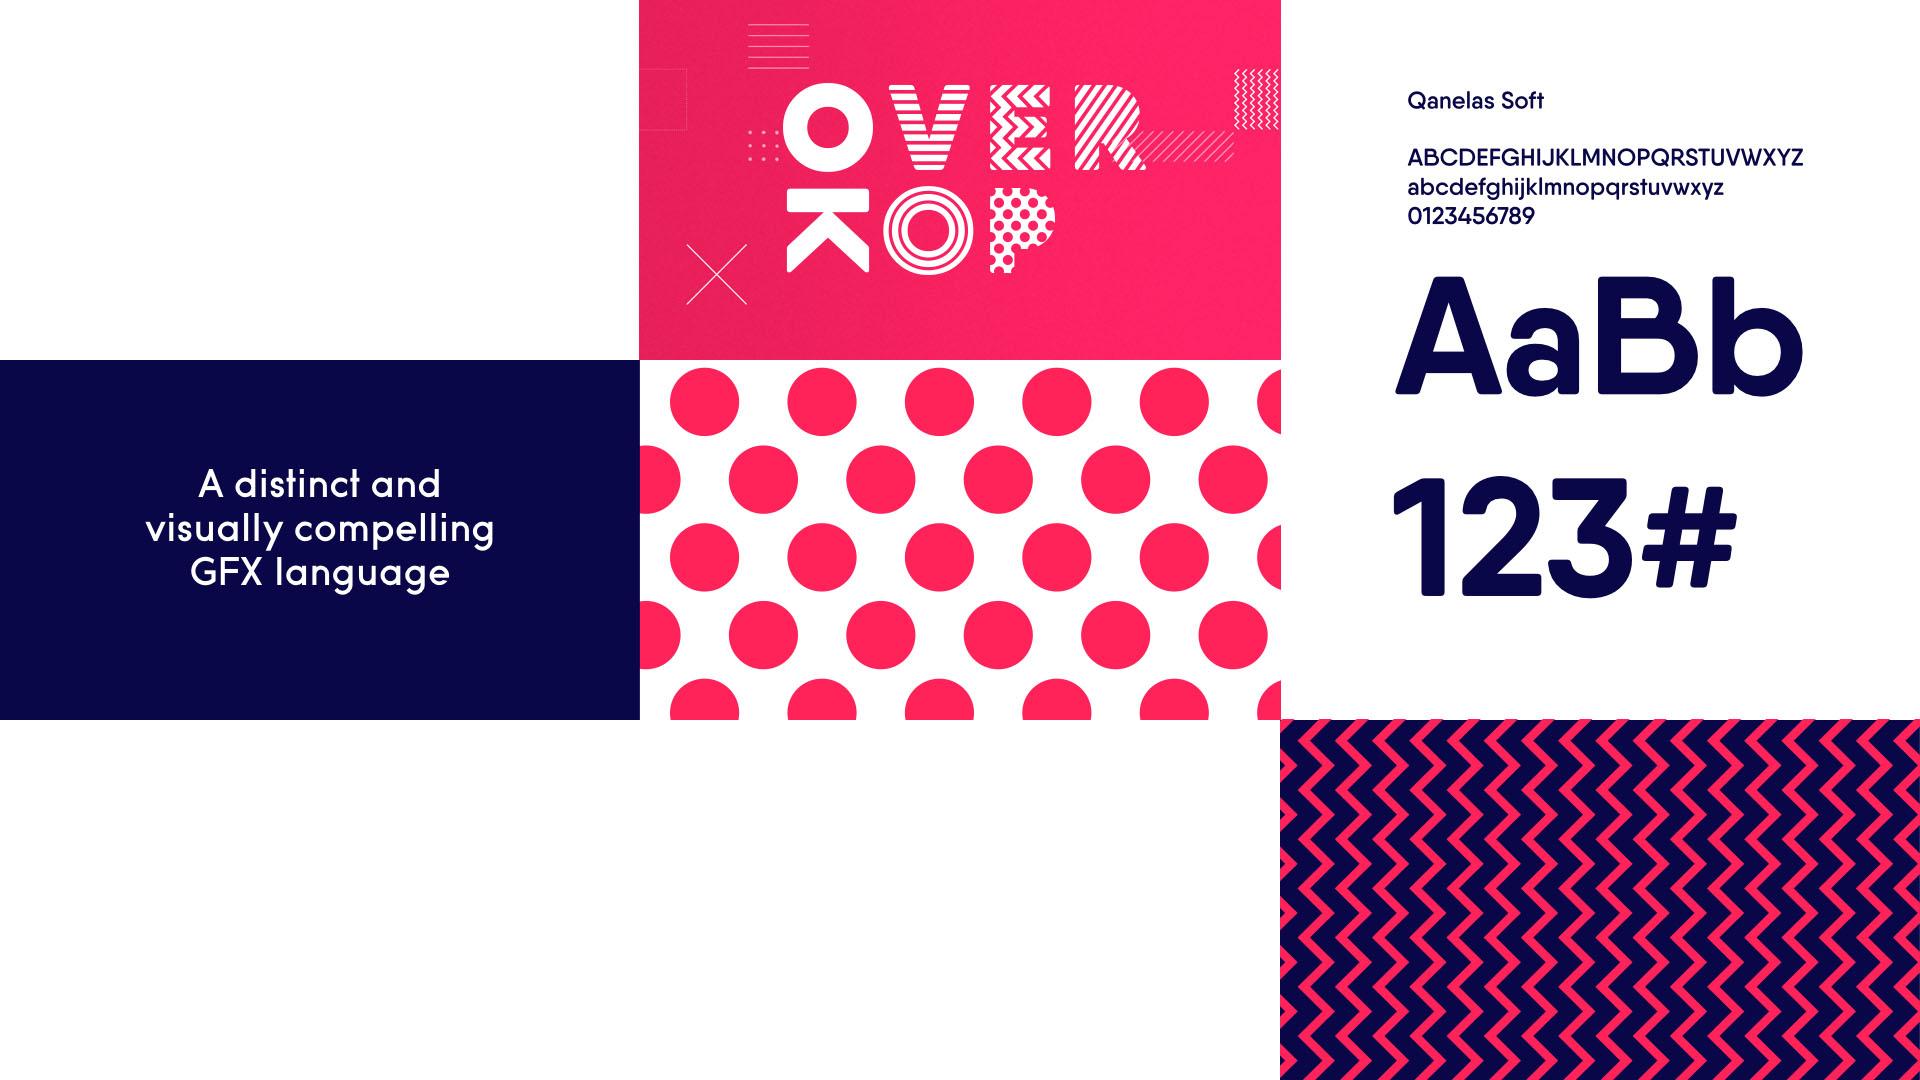 OverKop Brand Elements